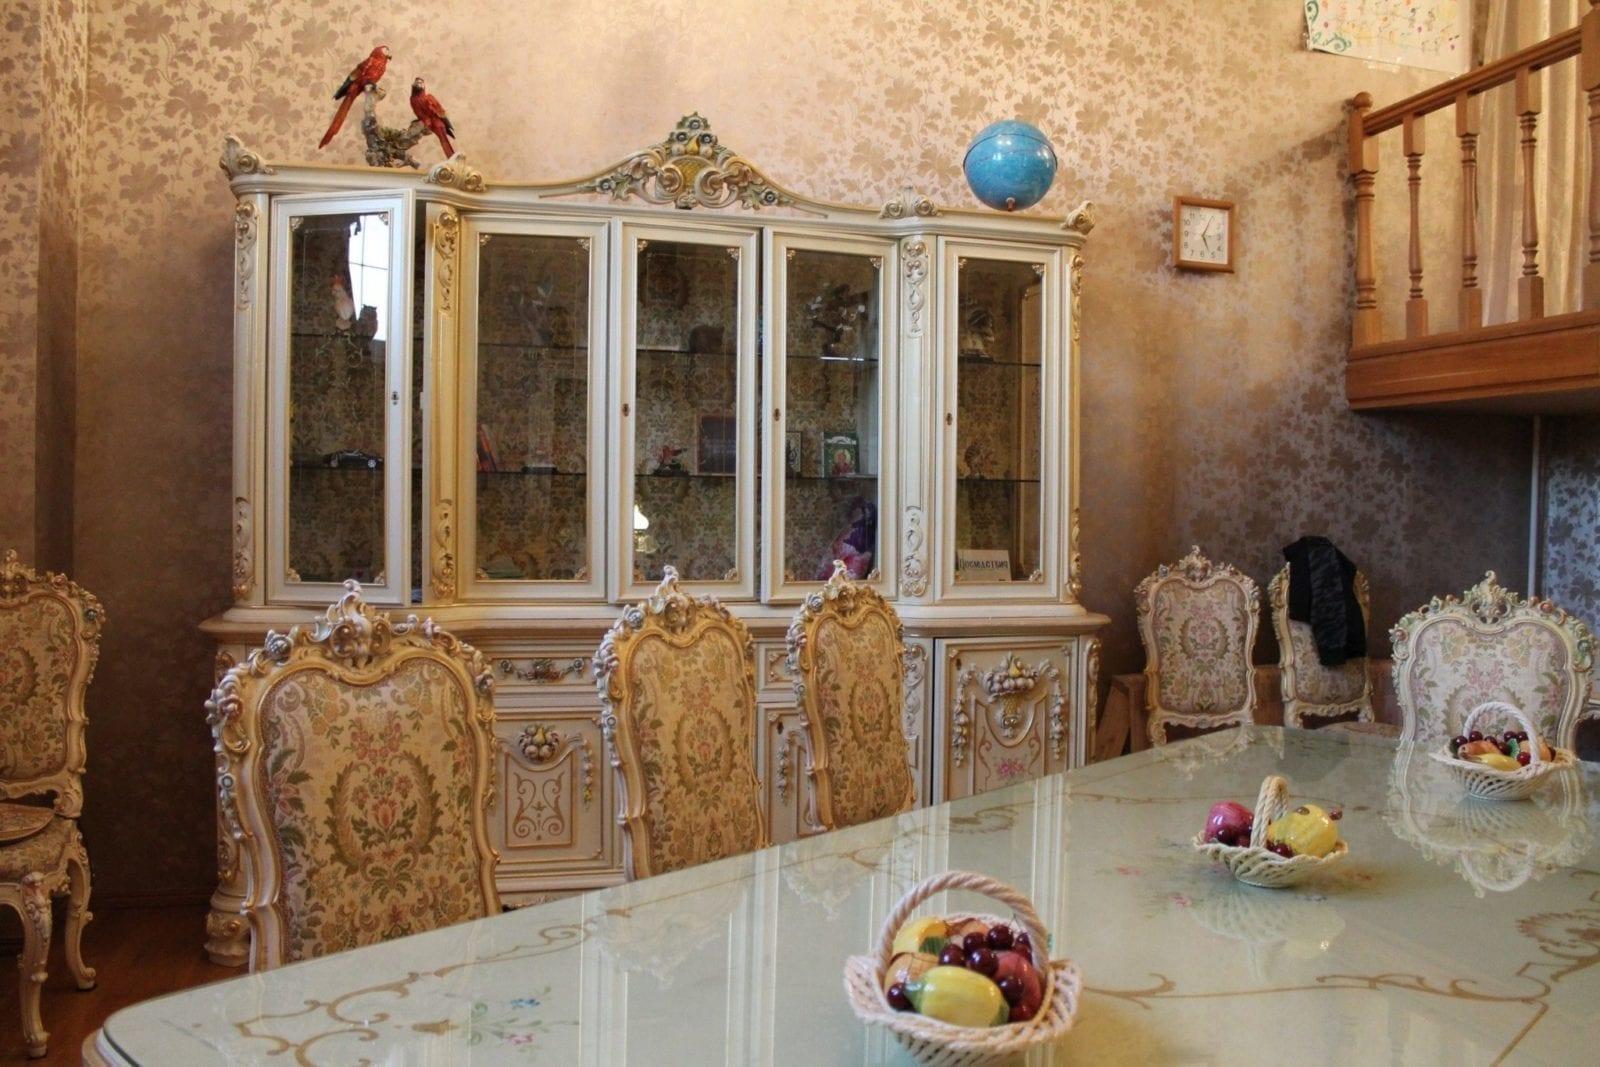 Реабилитационный центр для наркозависимых в Москве 3